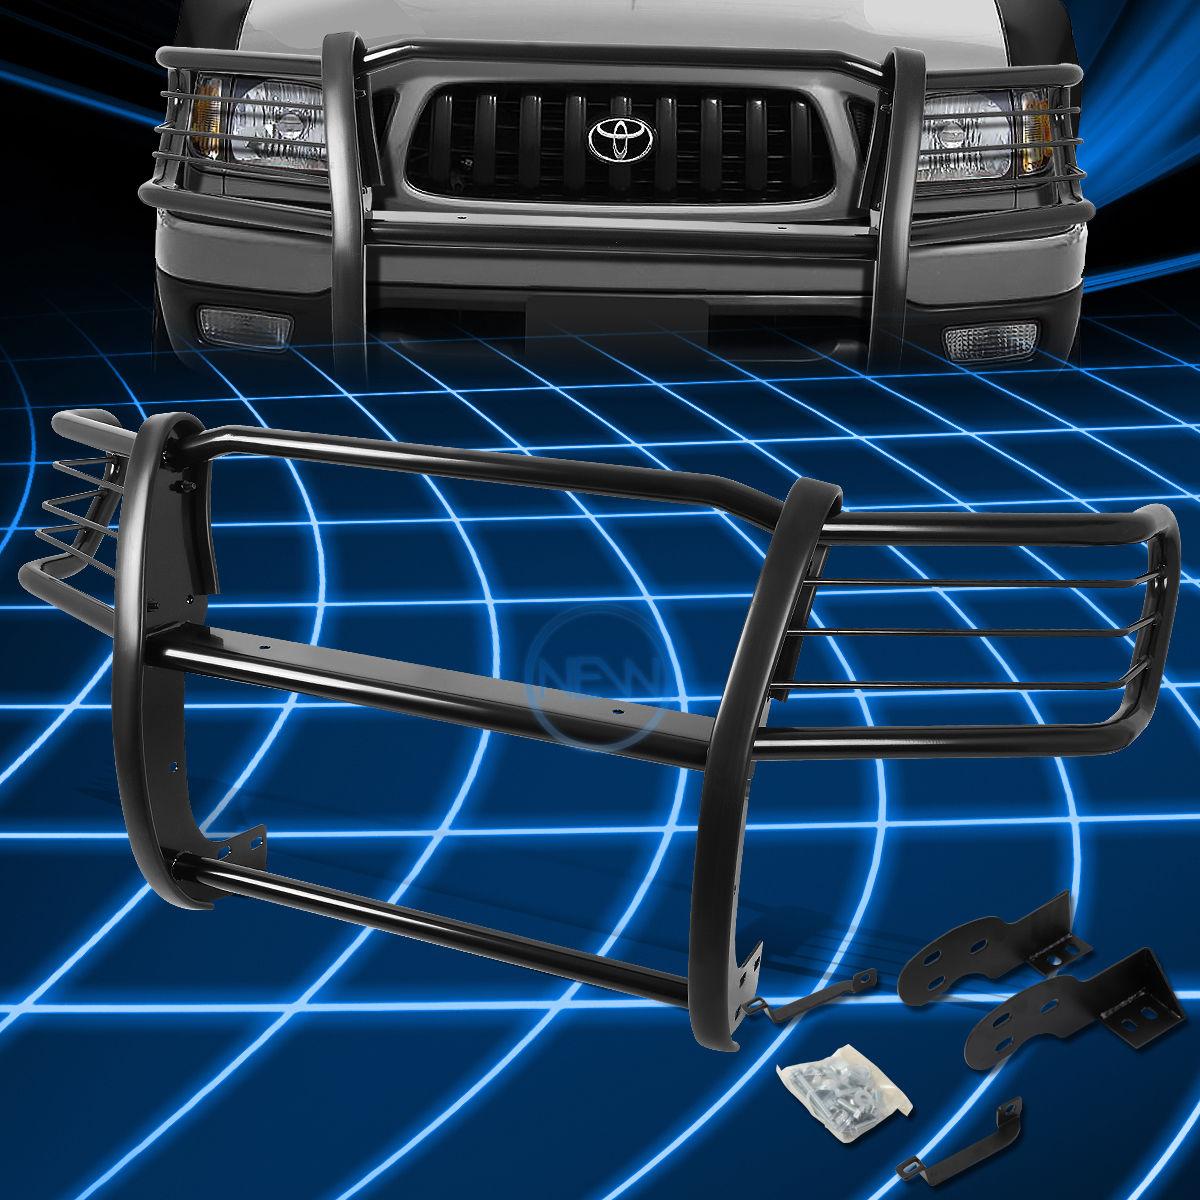 好きに グリル Black ブラックブラシバンパープロテクターグリルガード(1998?2004年)トヨタタコマピックアップ Black Brush Bumper Protector Grille Guard Bumper for Toyota 1998-2004 Toyota Tacoma Pickup, ブルージュエリー アクセサリー:393d0a7c --- yuk.dog